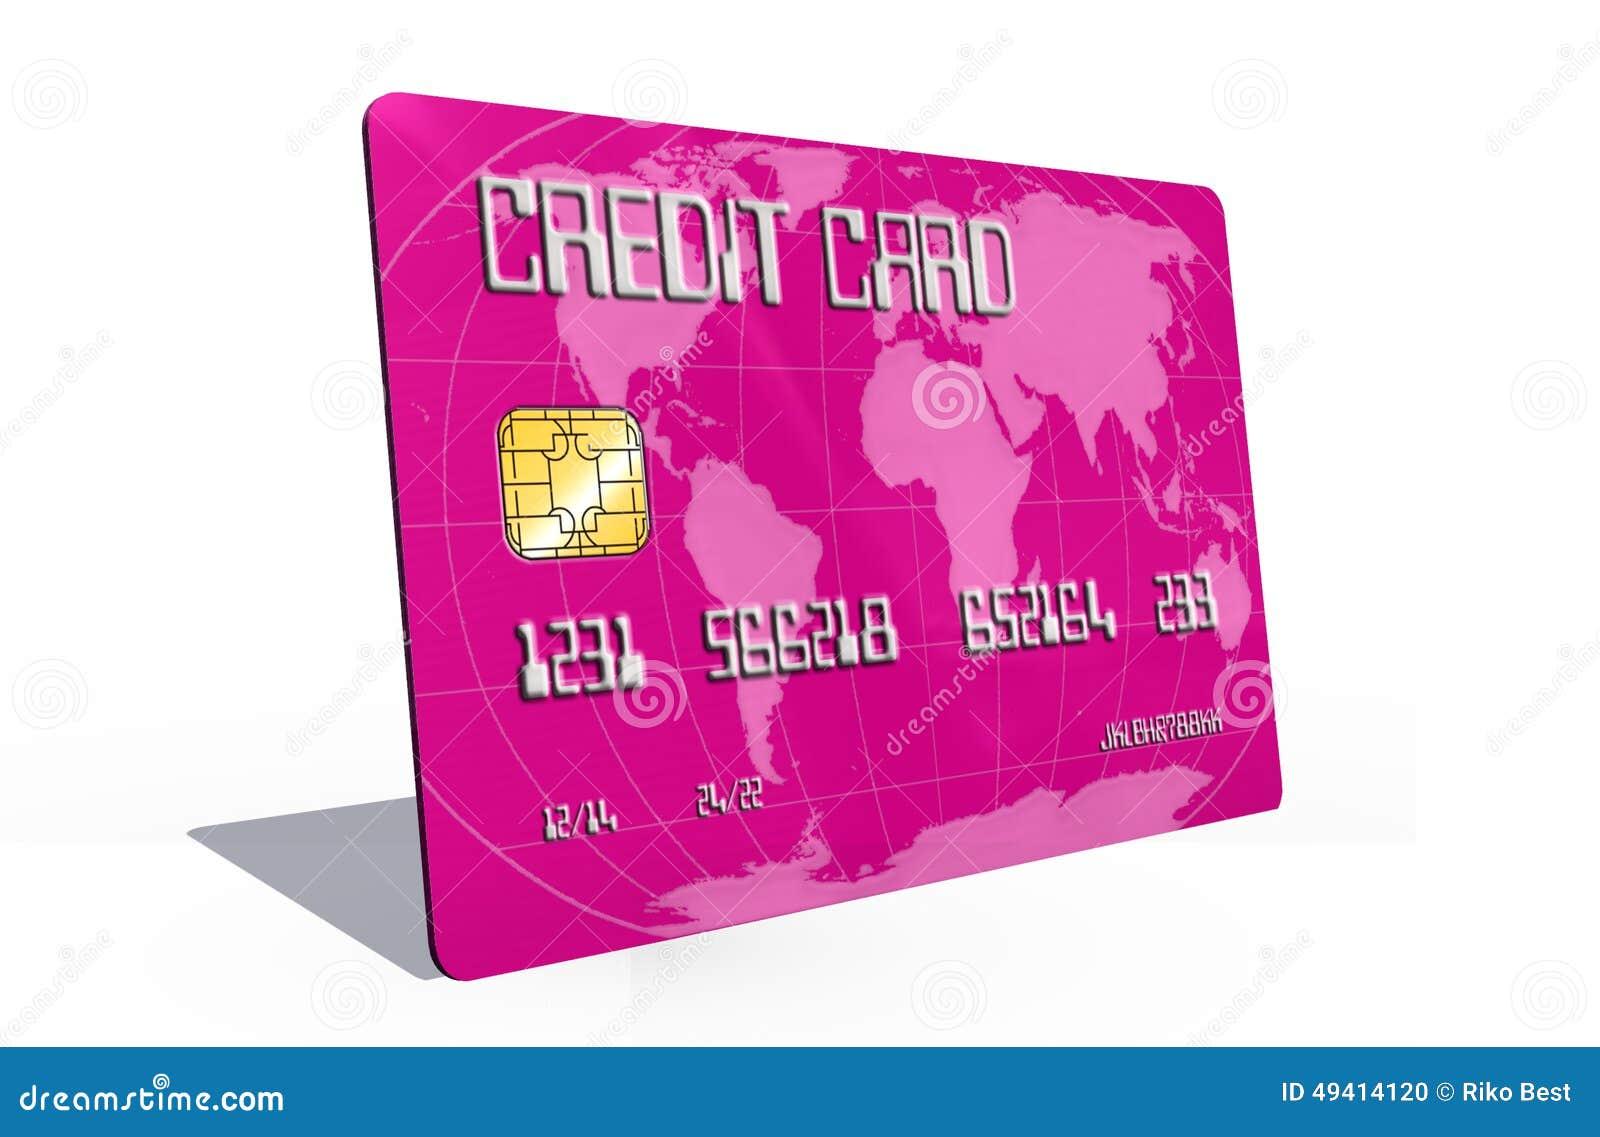 Download Kreditkarte Auf Weißem Hintergrund Stock Abbildung - Illustration von sicherheit, karten: 49414120